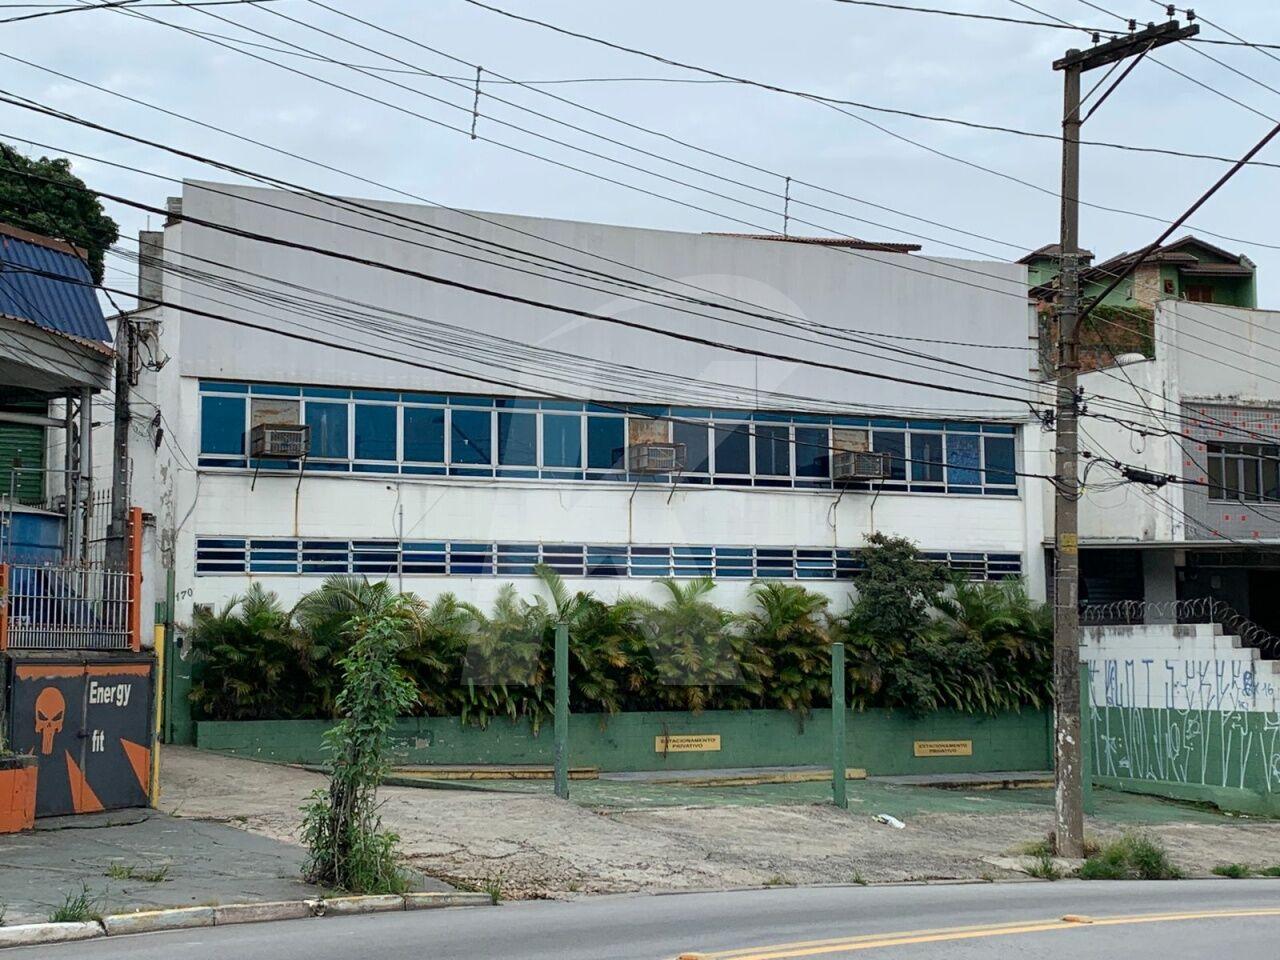 Comprar - Galpão - Vila Gustavo - 0 dormitórios.